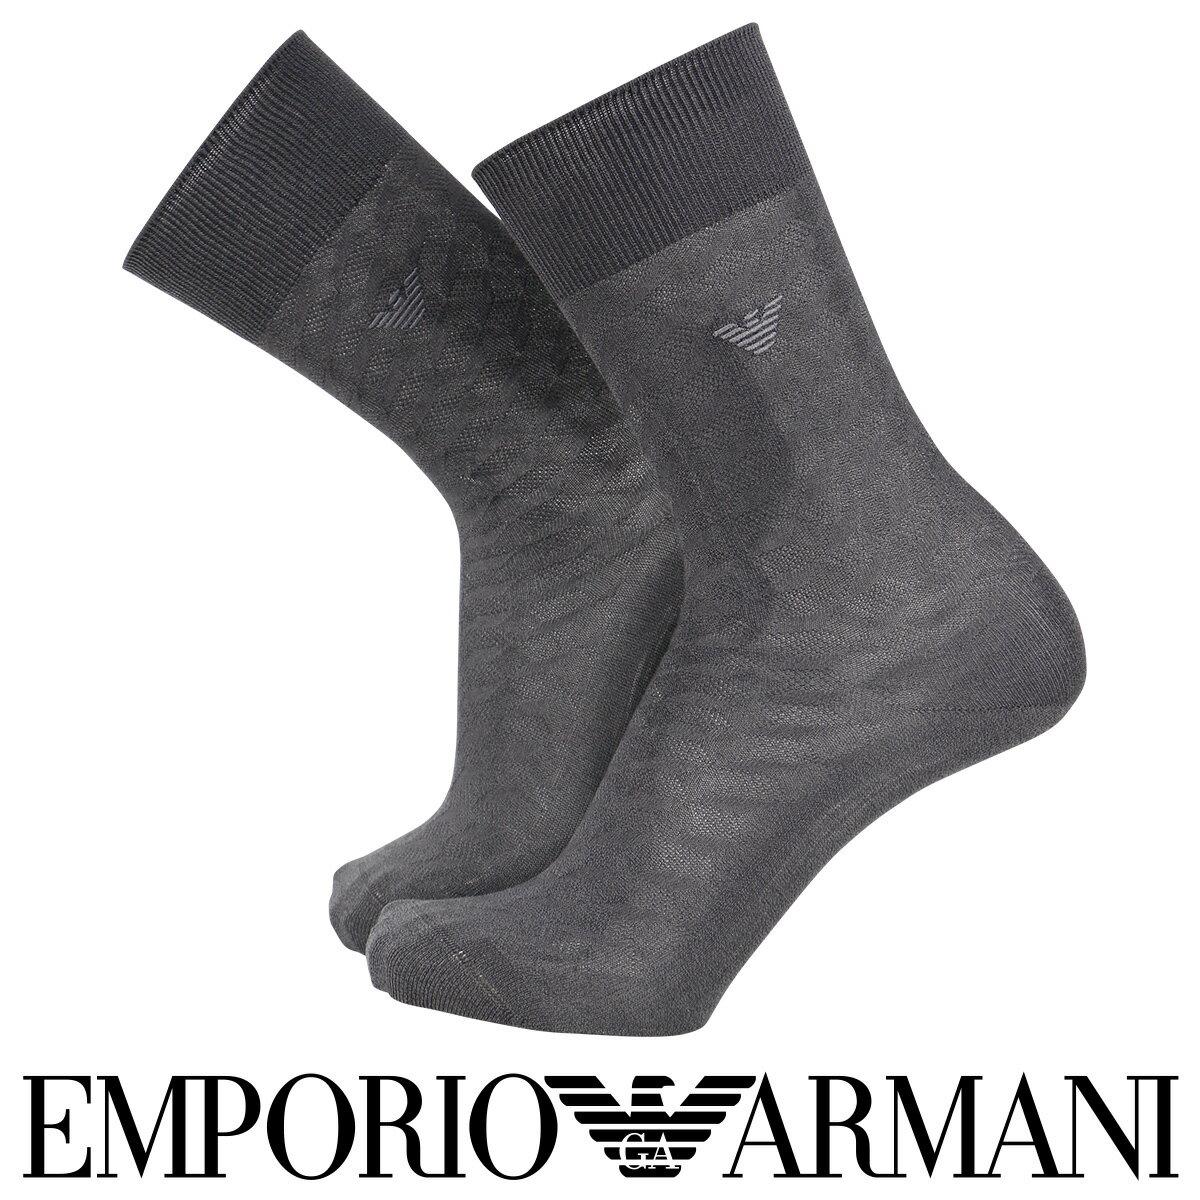 EMPORIO ARMANI ( エンポリオ アルマーニ )綿混 メンズ ビジネス ソックス 靴下 ロゴ刺繍 リンクス柄 クルー丈 ソックス男性 メンズ プレゼント 贈答 ギフト2312-399ポイント10倍